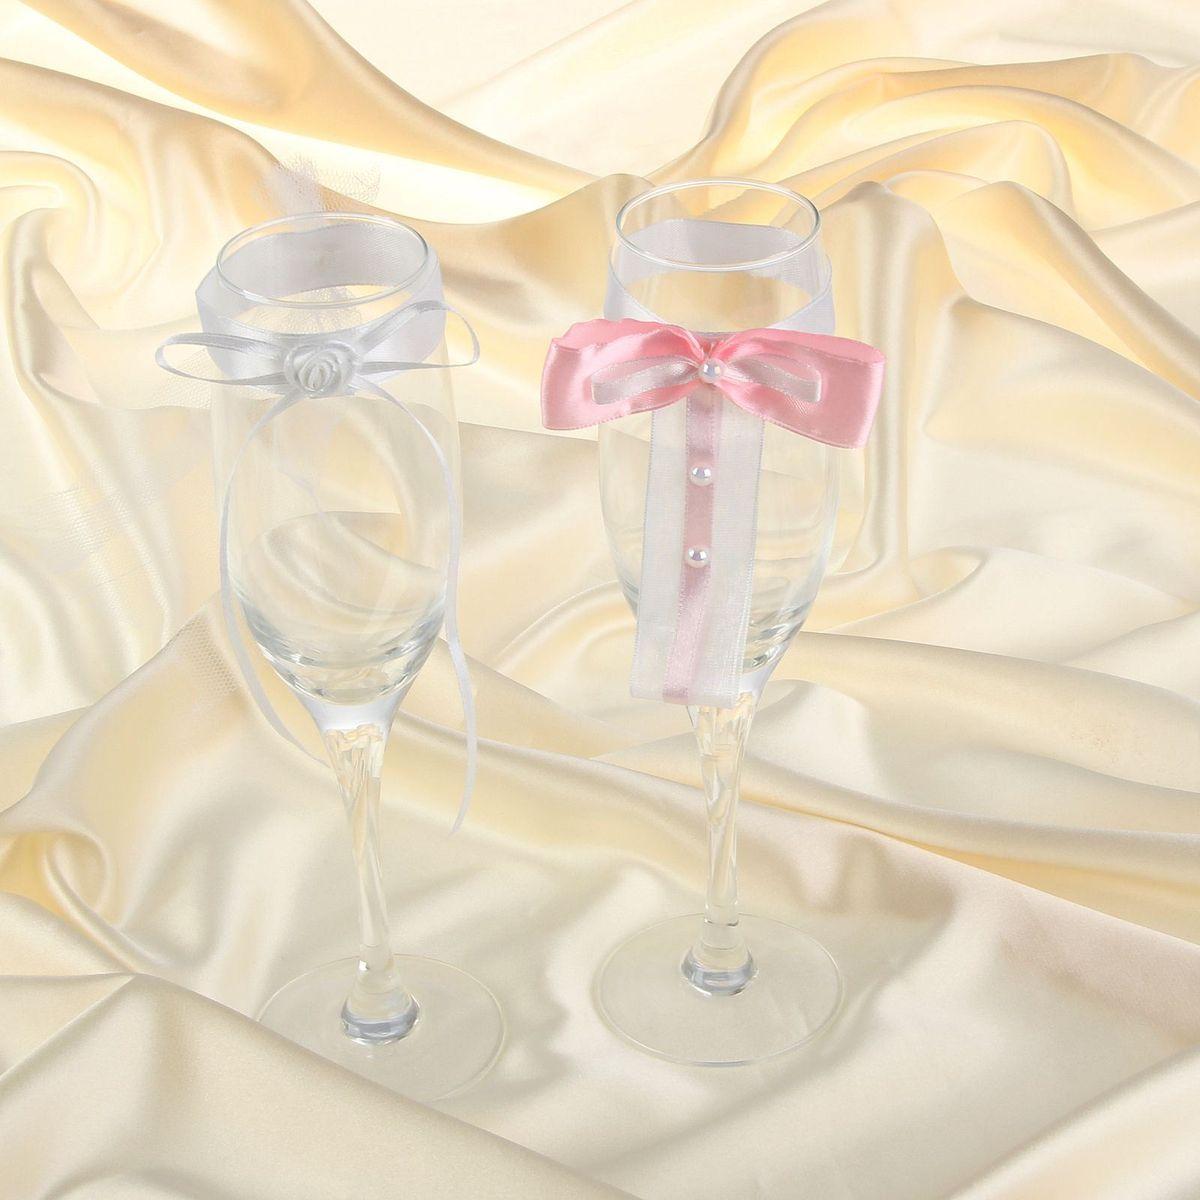 Sima-land Комплект декора на бокалы, бантики розовый и цветок белый833982Декор на бокалы, - то, без чего не проходит ни одна церемония бракосочетания. Изысканный и утонченный аксессуар будет выигрышно смотреться в зале регистрации и за банкетным столом. Этот символ можно сохранить и на последующие годовщины свадьбы, украсив им бокал шампанского и вспоминая счастливый день.